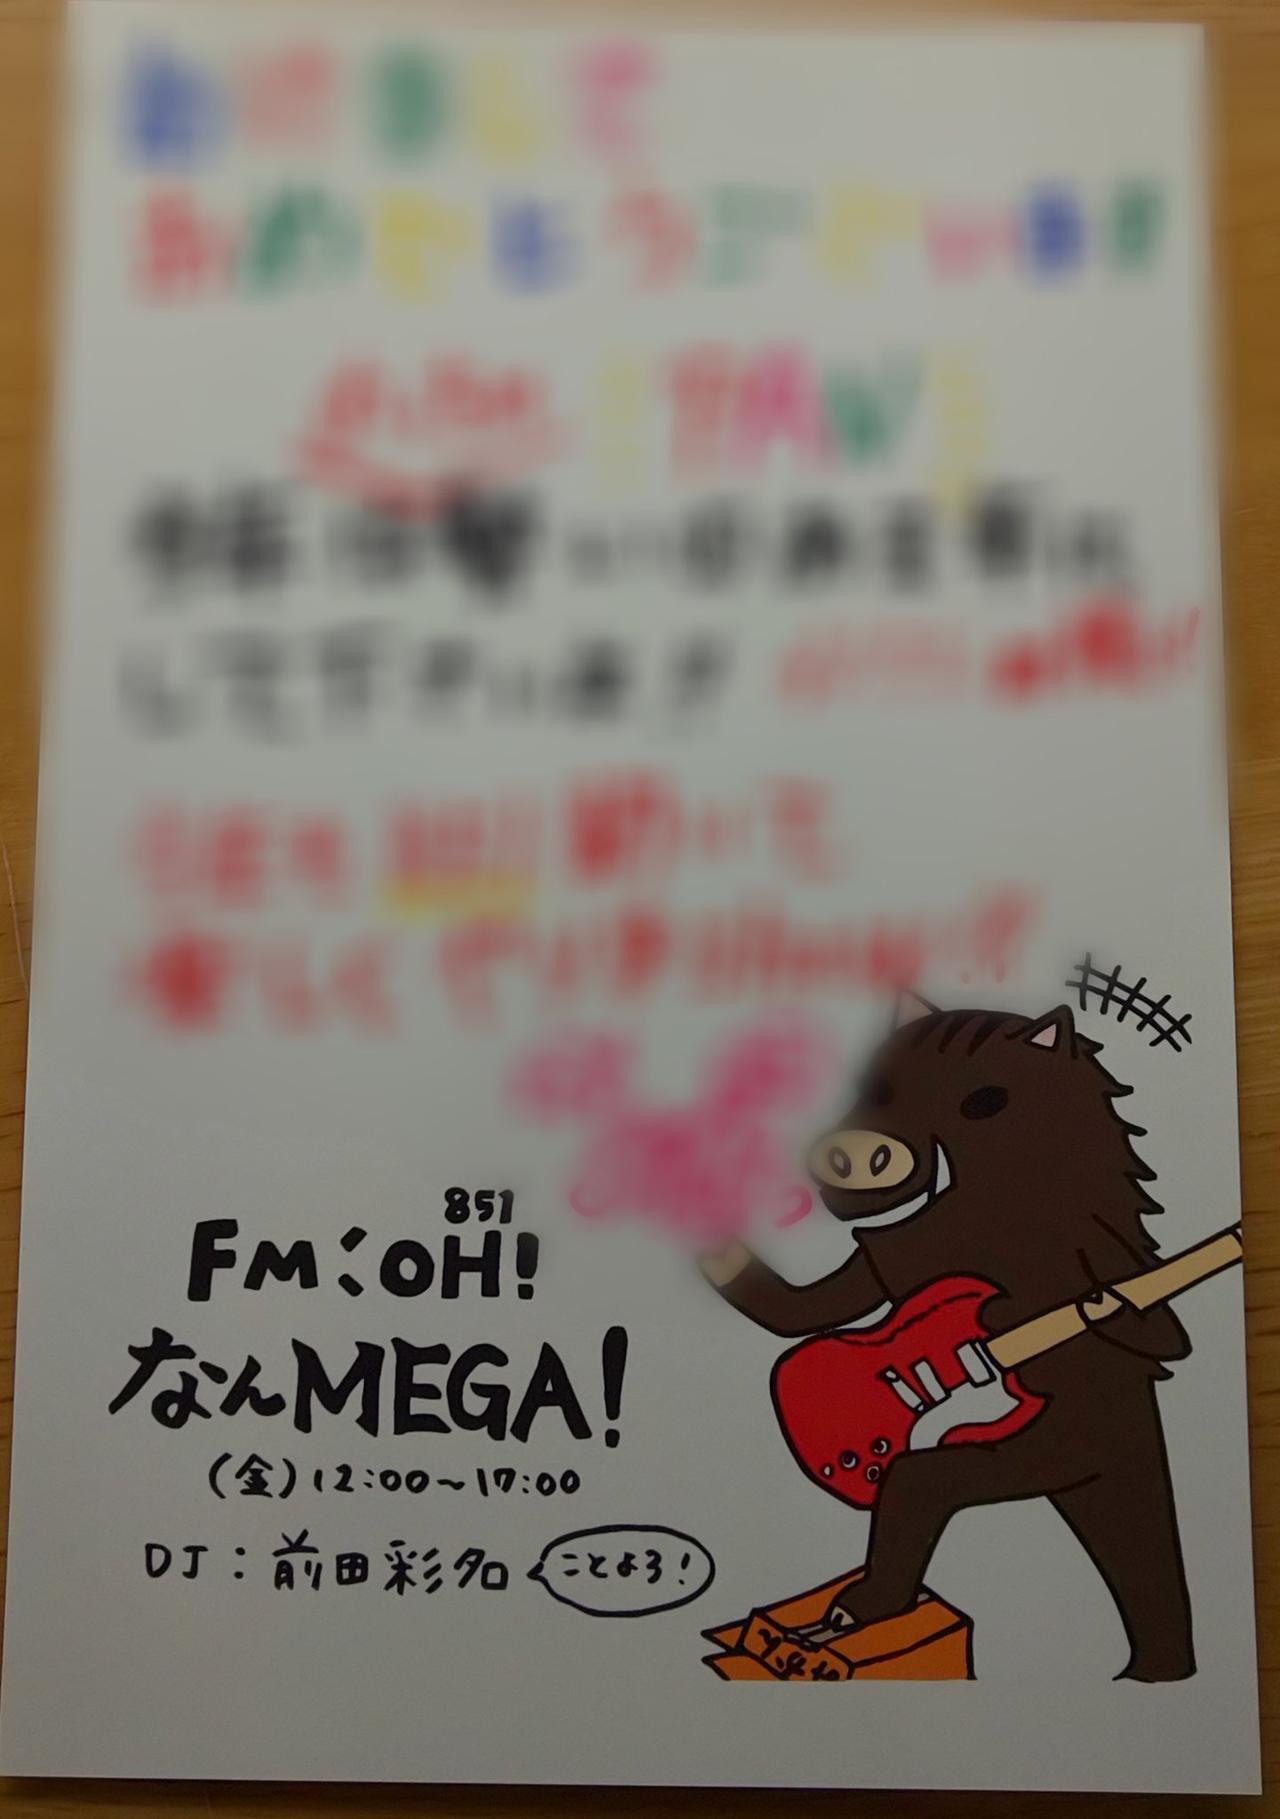 画像4: FM OH! なんMEGA! on Twitter twitter.com